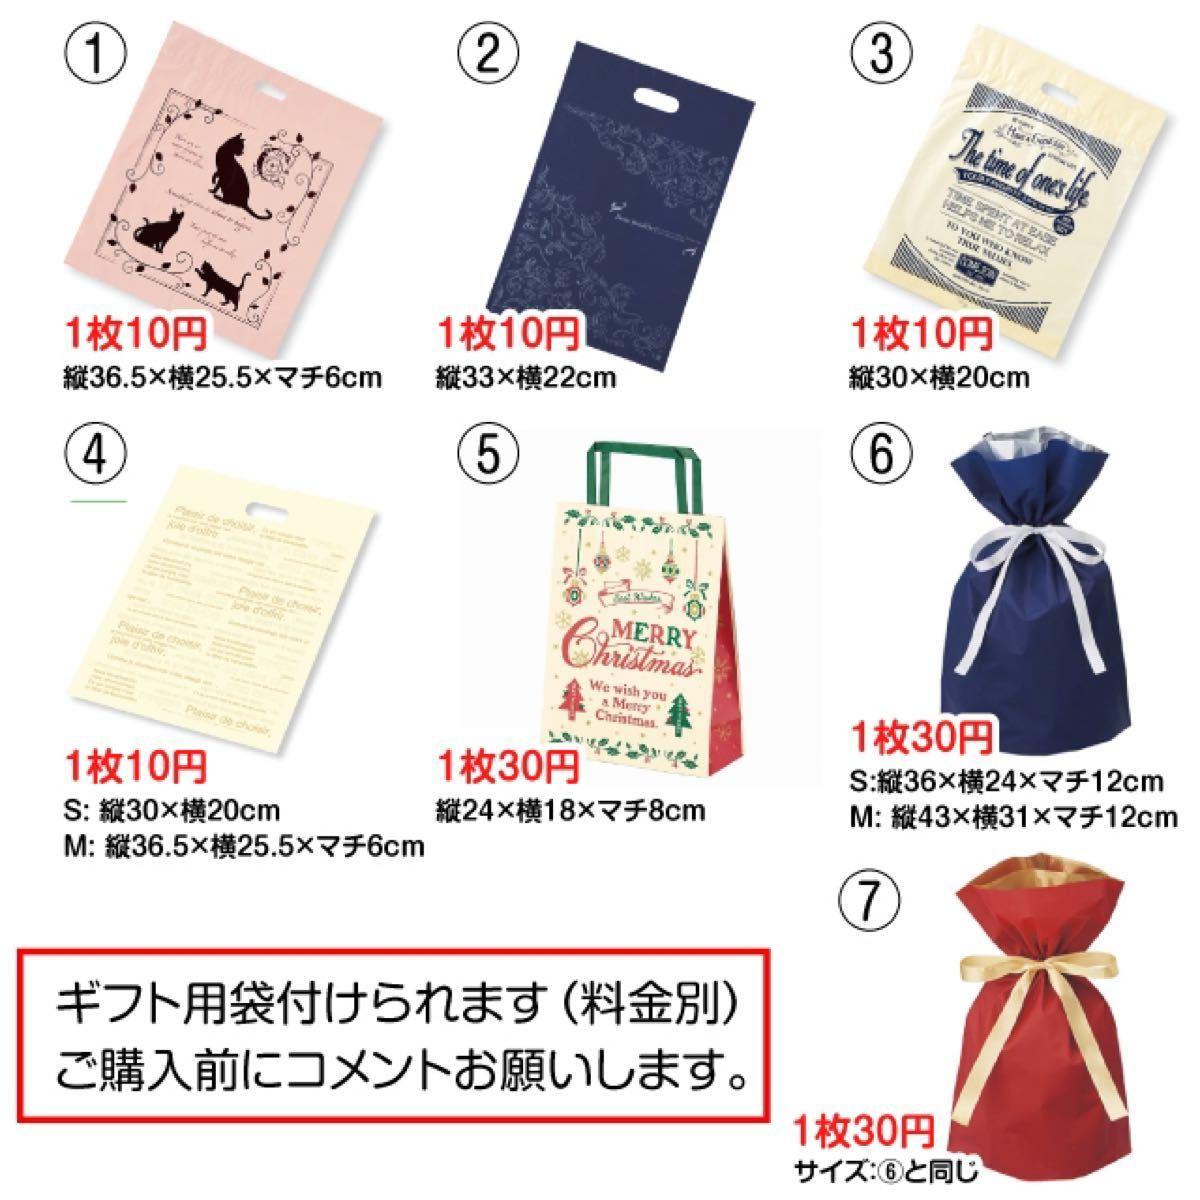 【ギフト対応】鬼退治 トートバッグ 蝶 蟲 習い事 プレゼント